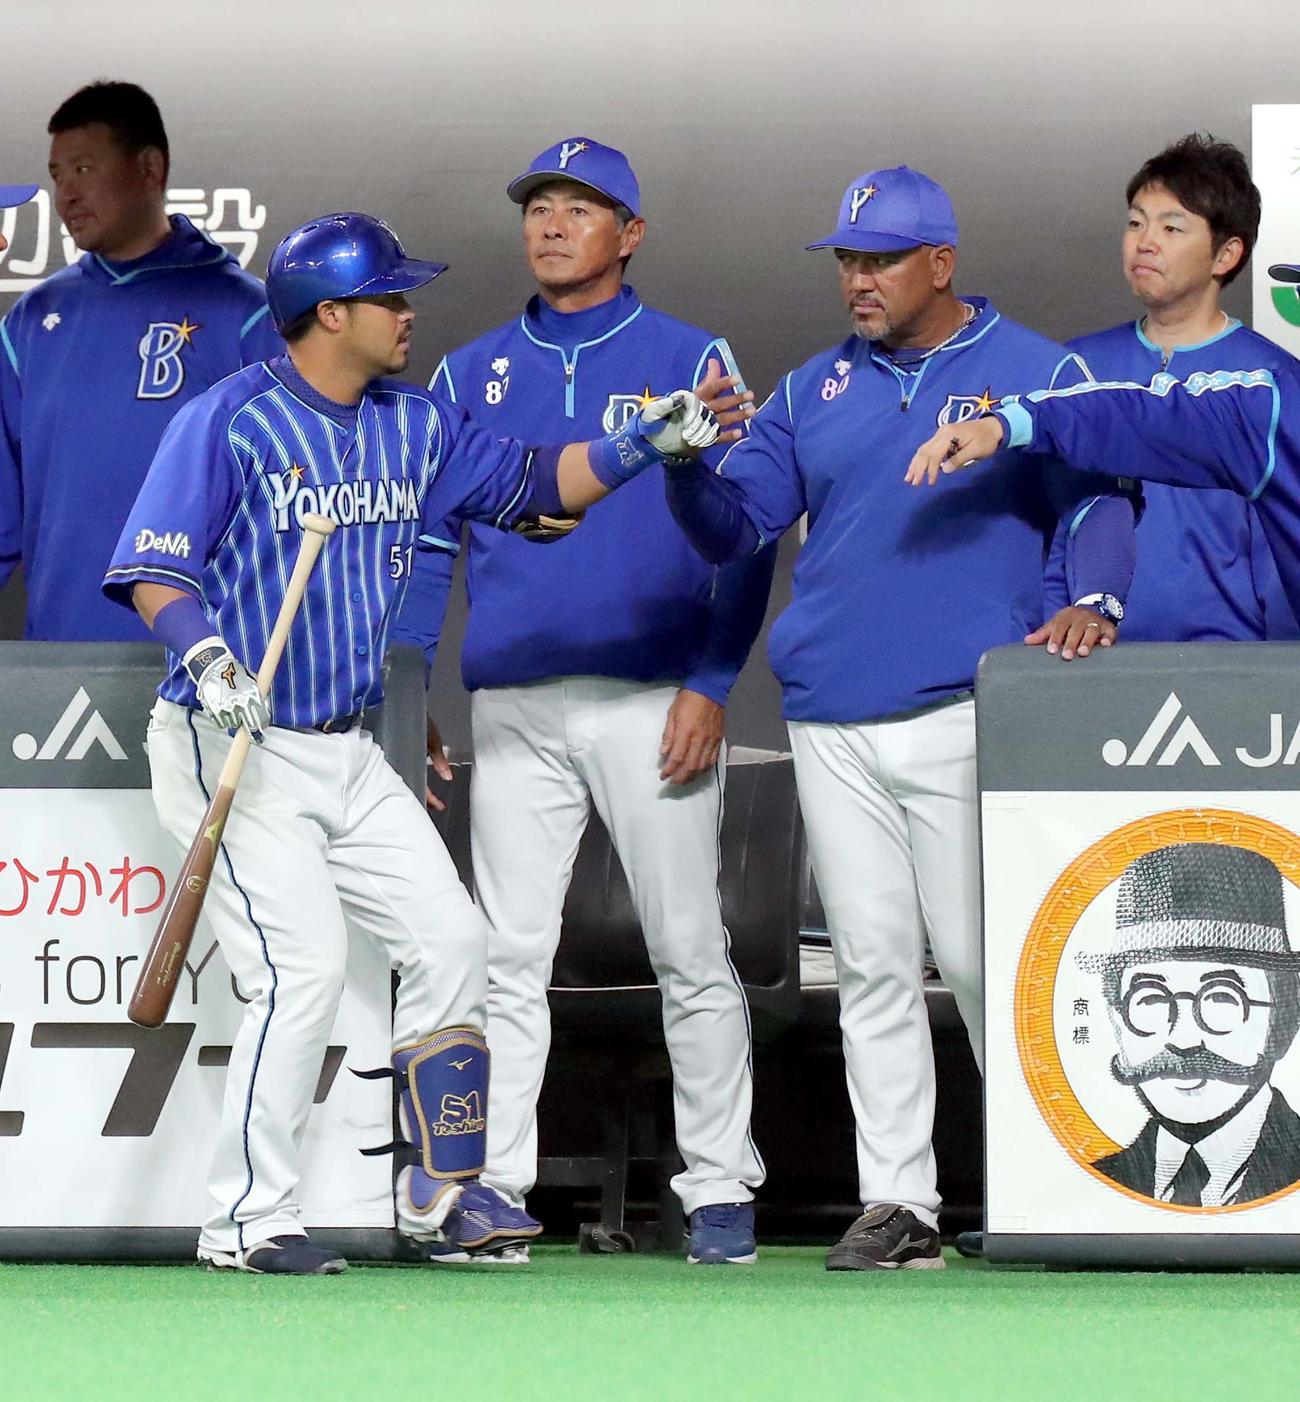 日本ハム対DeNA 6回表DeNA2死一、二塁、宮崎は勝ち越しとなる適時二塁打を放ちラミレス監督(右から2人目)とタッチを交わす(撮影・佐藤翔太)